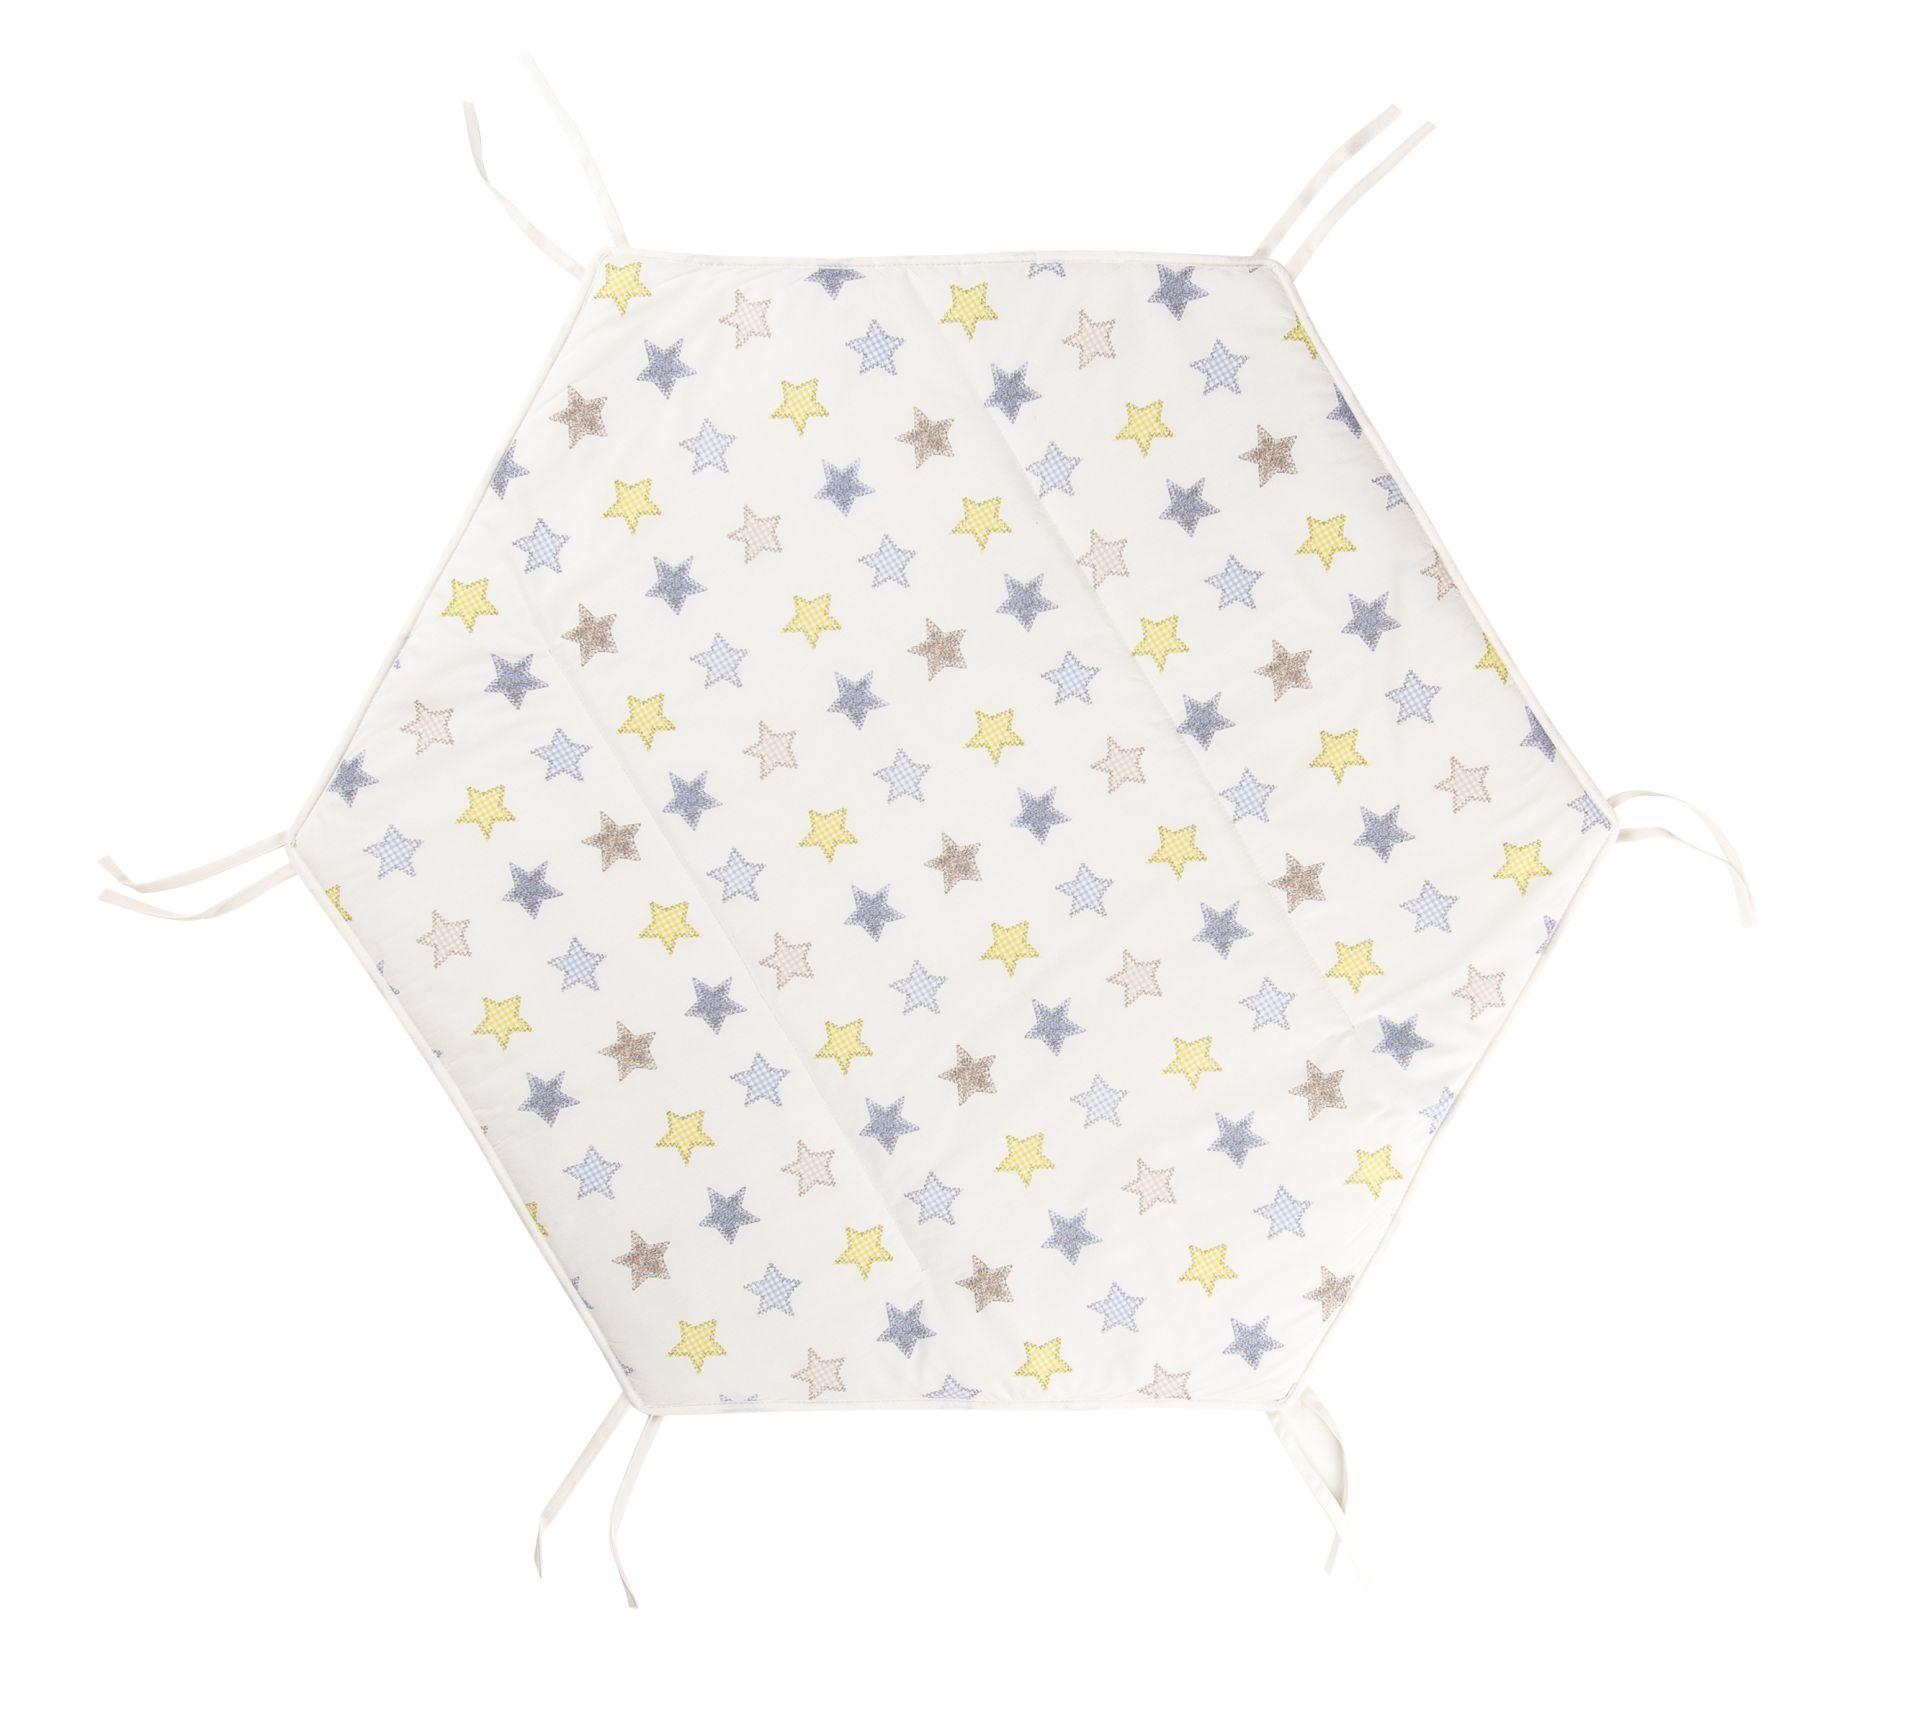 Geuther Crawling mat for Matrix hexagonal playpen;